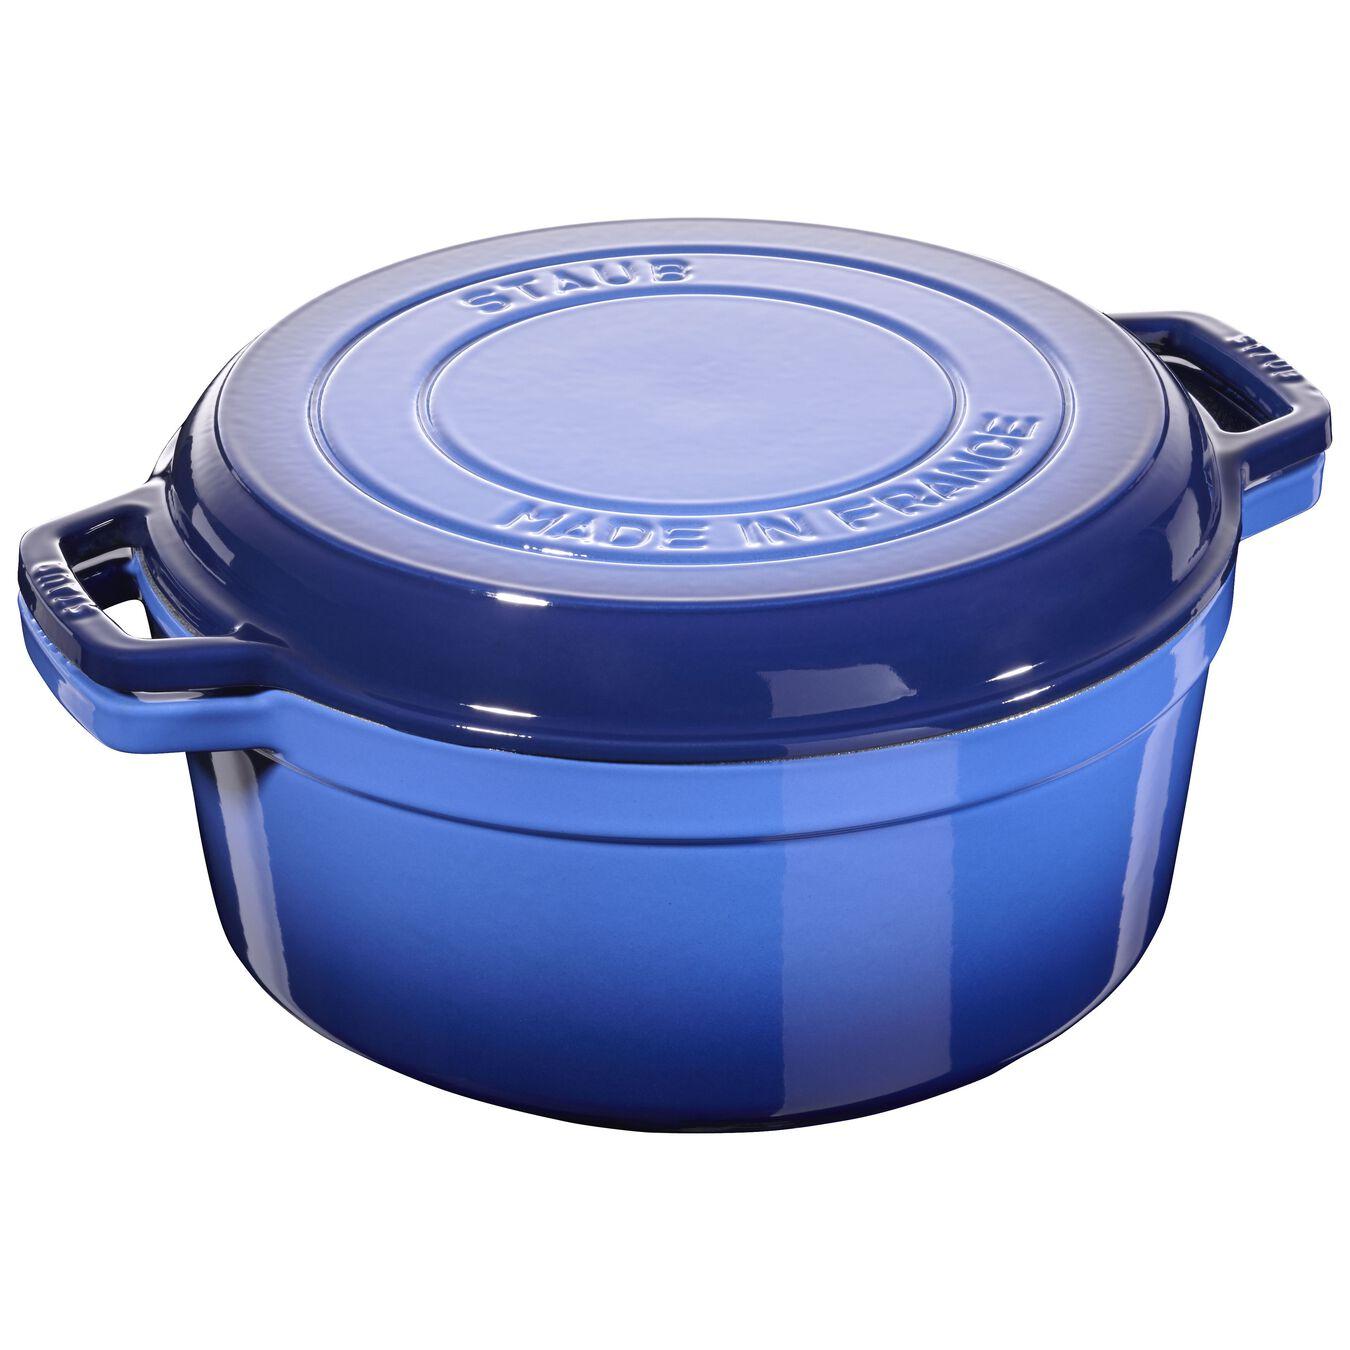 Cocotte et gril 28 cm, Bleu roi, Fonte,,large 1